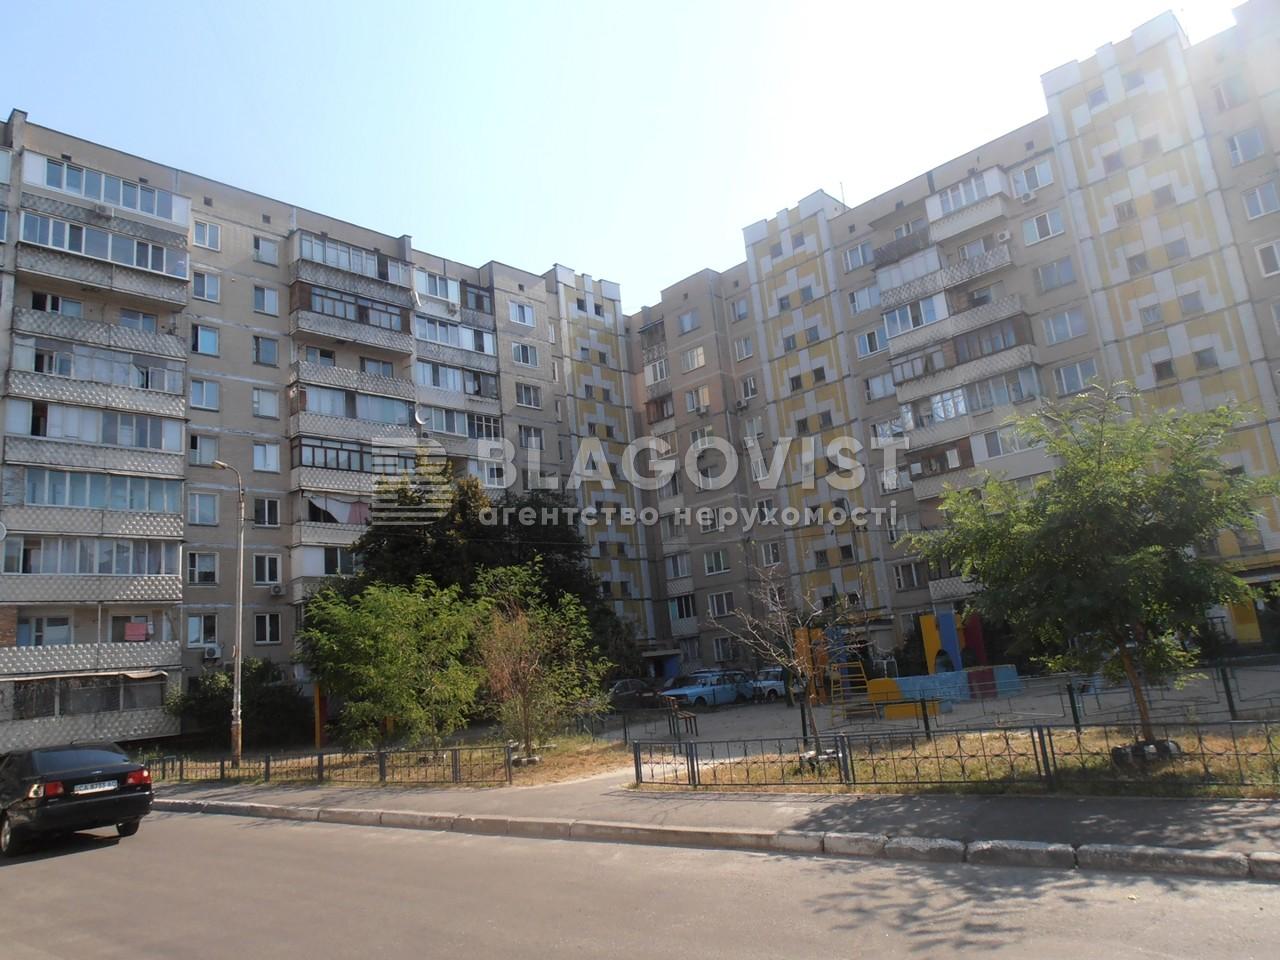 Квартира D-36618, Лифаря Сержа (Сабурова Александра), 5, Киев - Фото 4